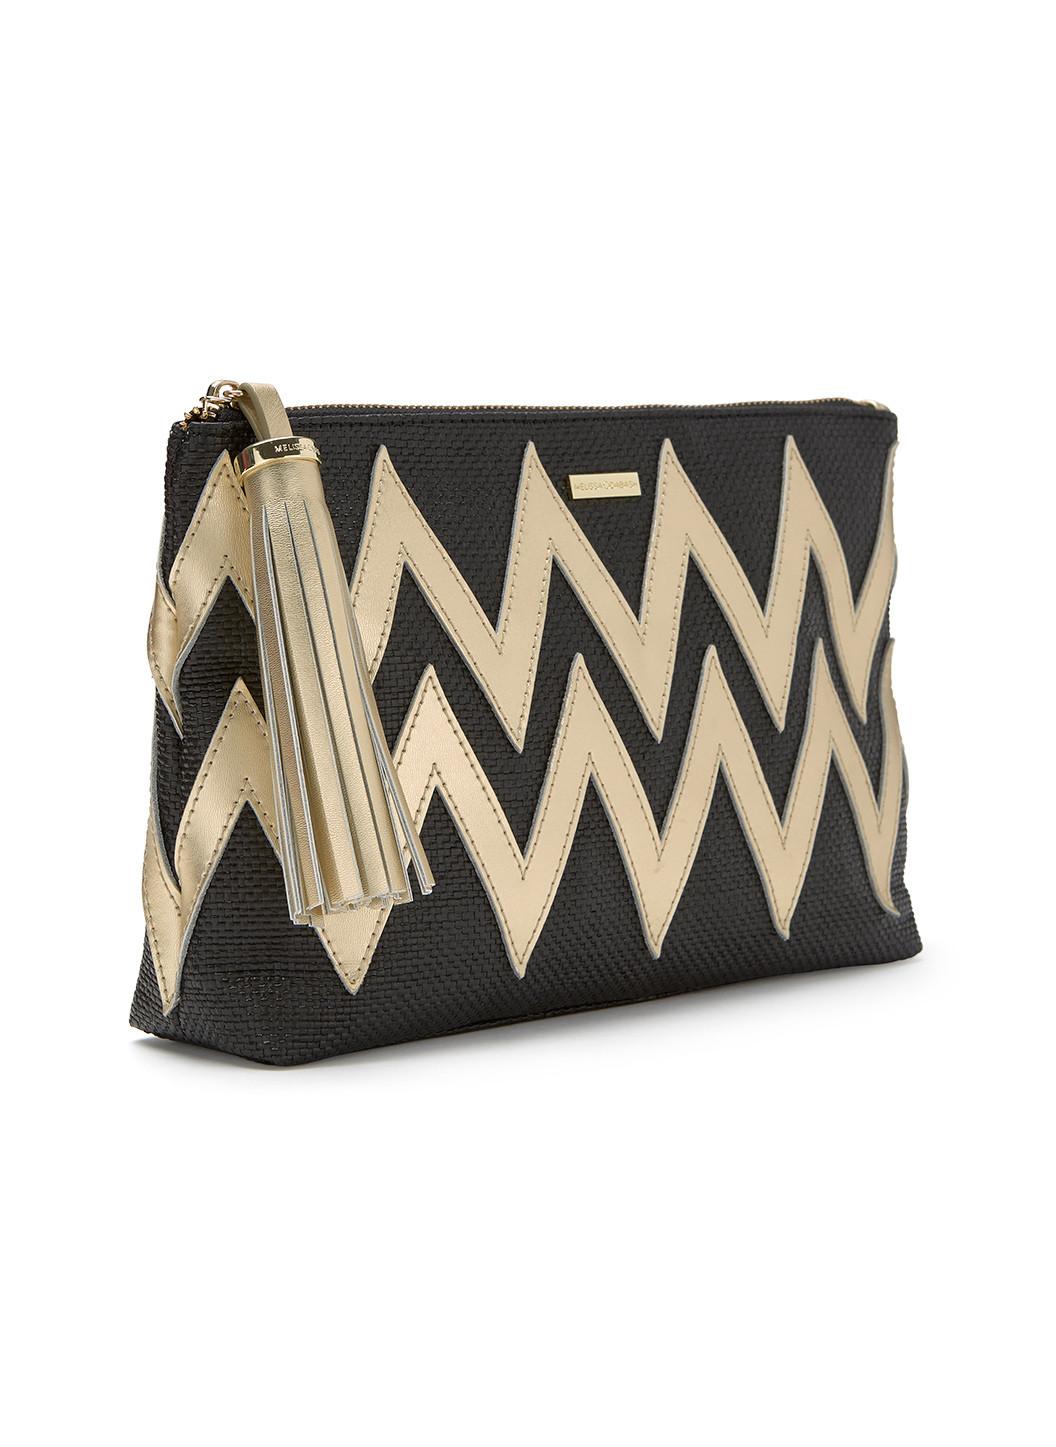 crete-zigzag-clutch-bag-black-gold-2019-2